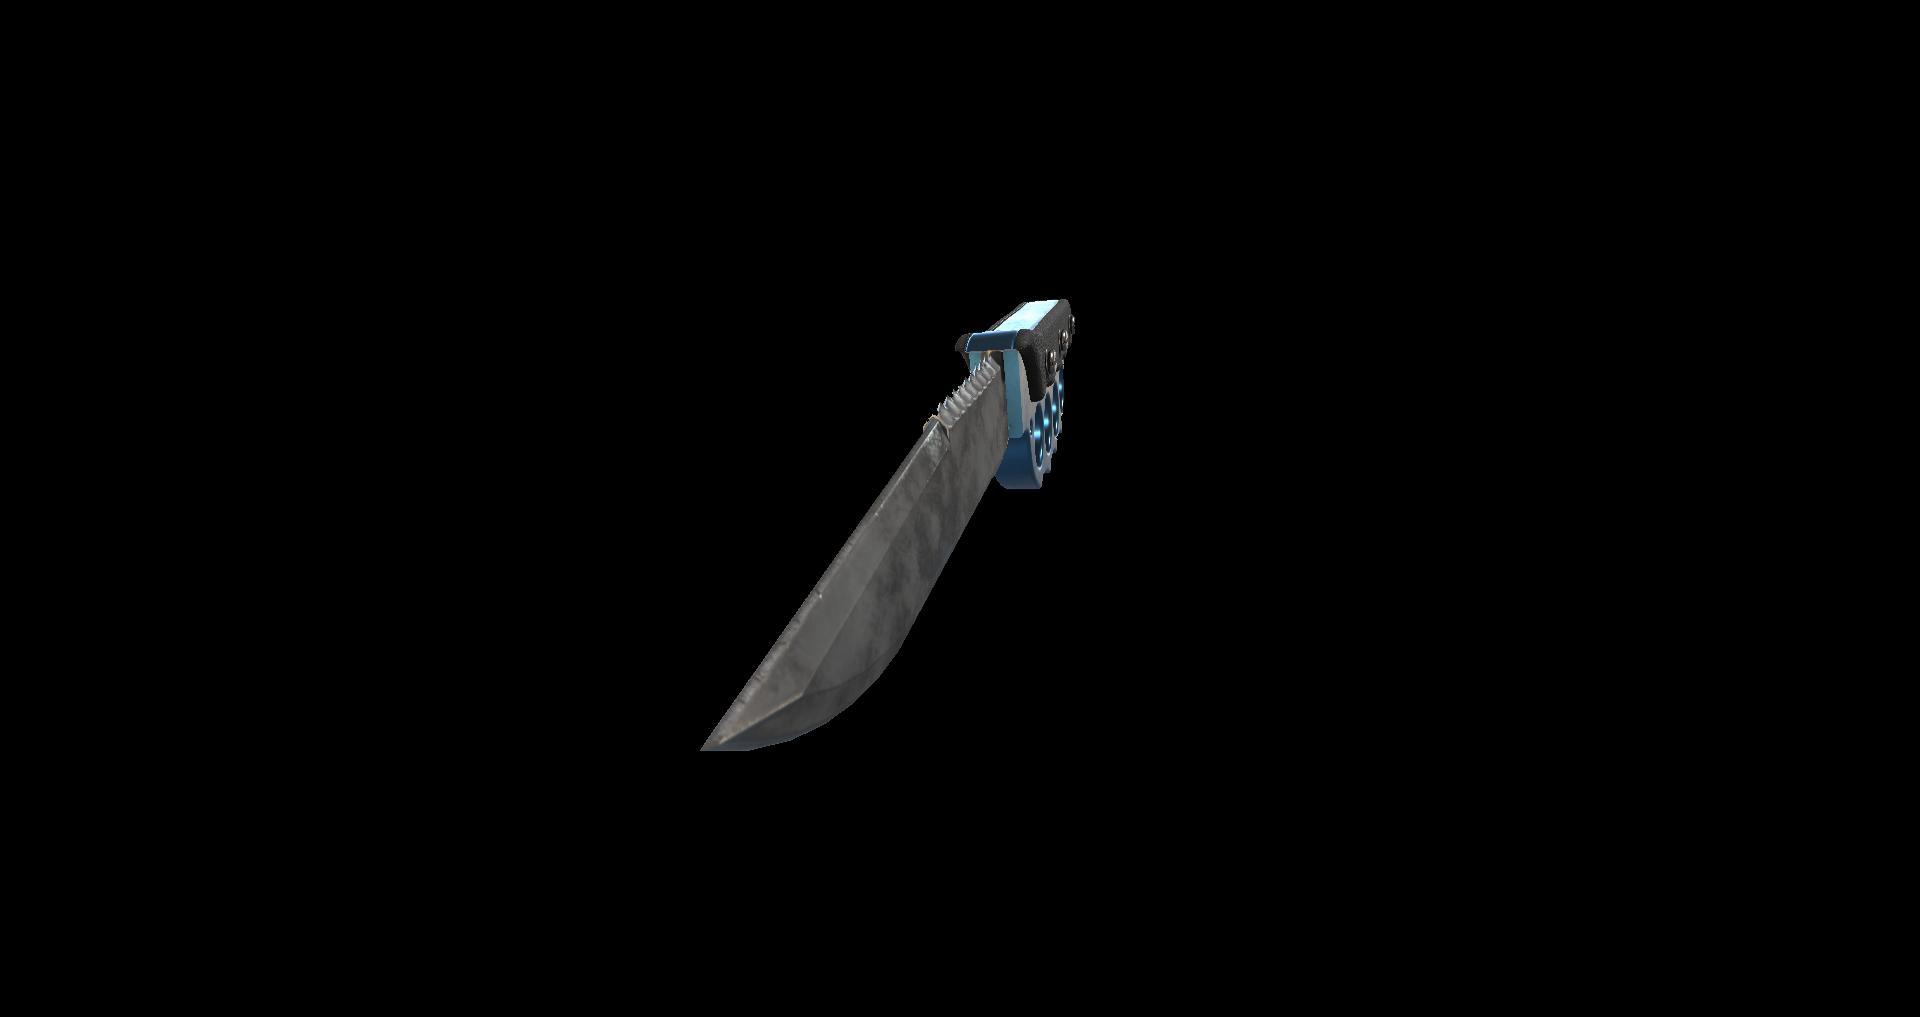 000003.png Télécharger fichier STL gratuit couteau • Design imprimable en 3D, g4bbigo